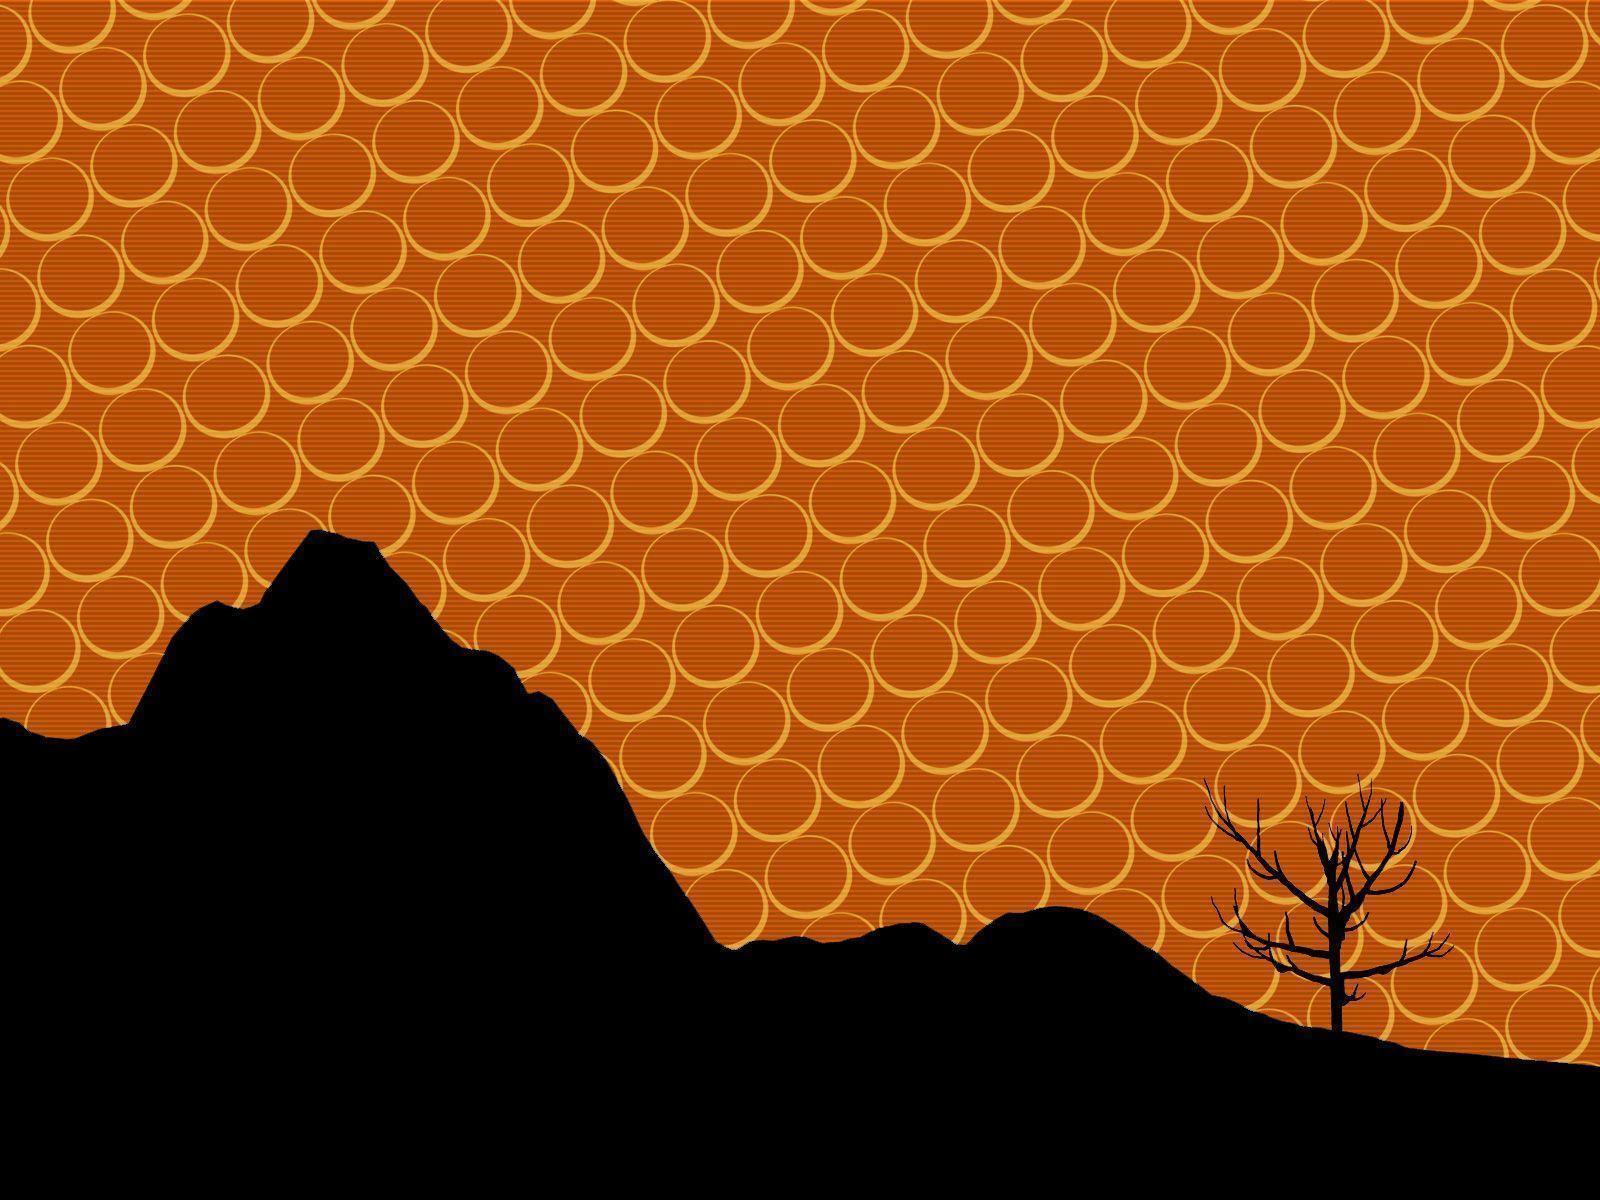 Empty landscape wallpapers | Empty landscape stock photos